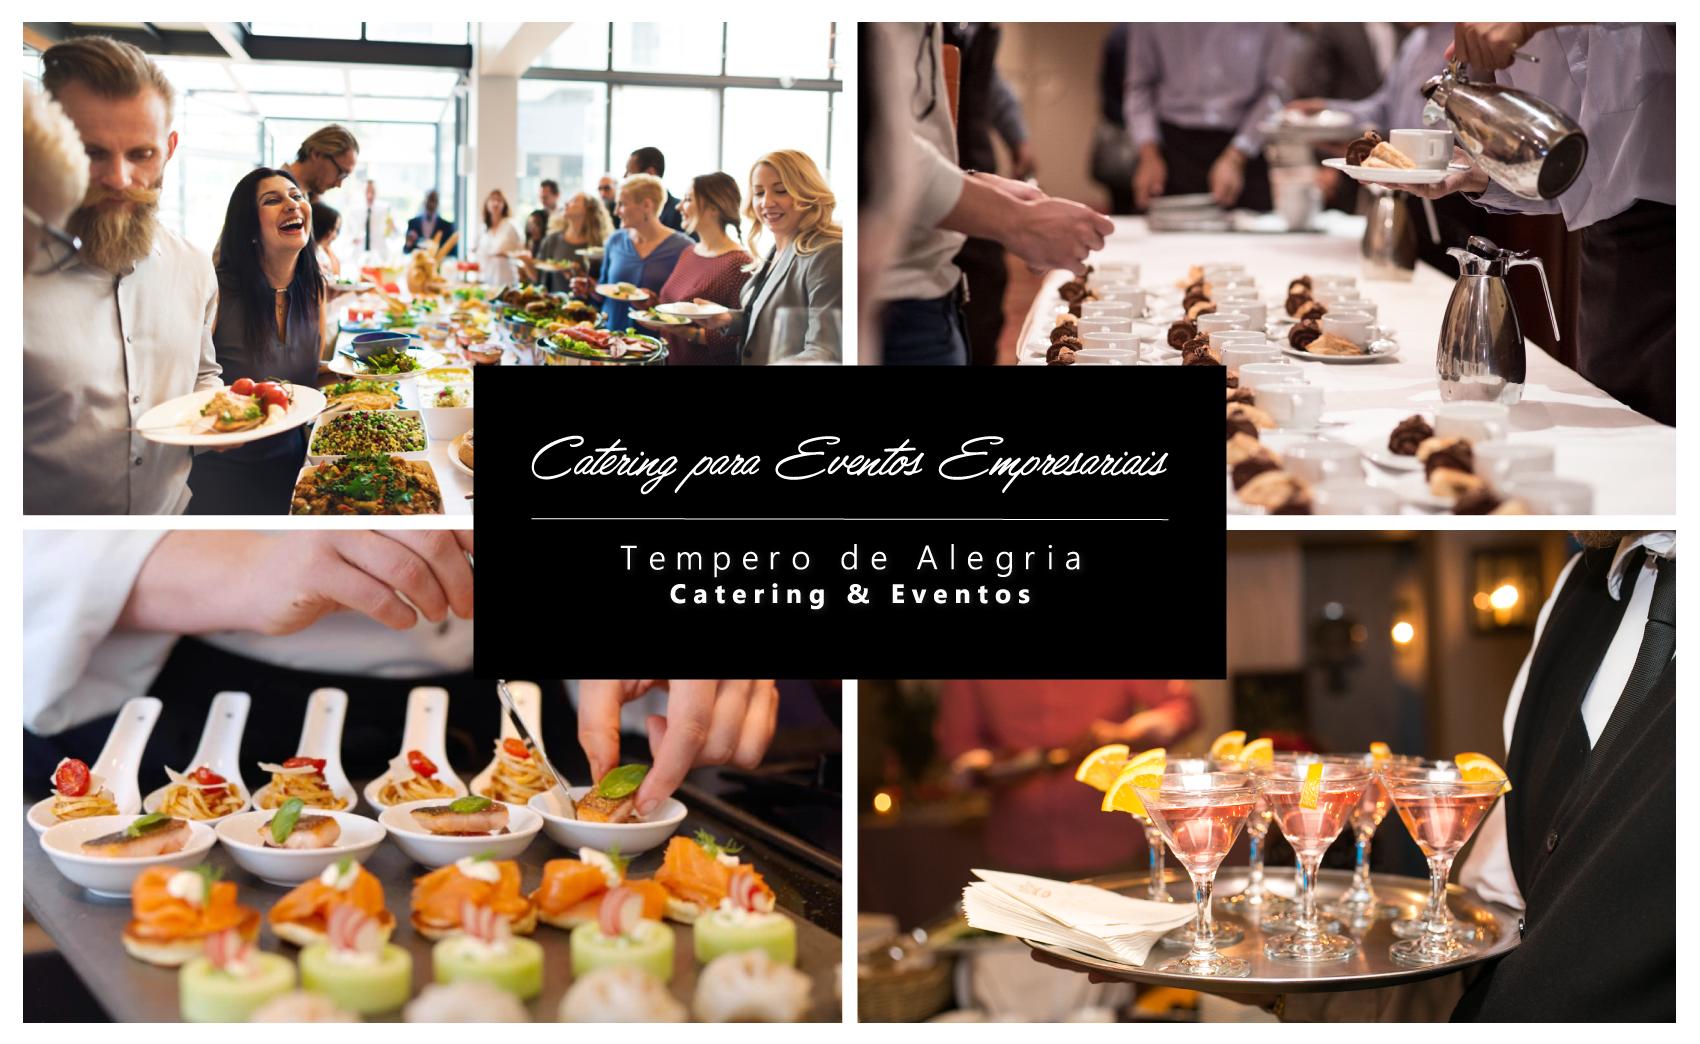 Catering para eventos empresariais